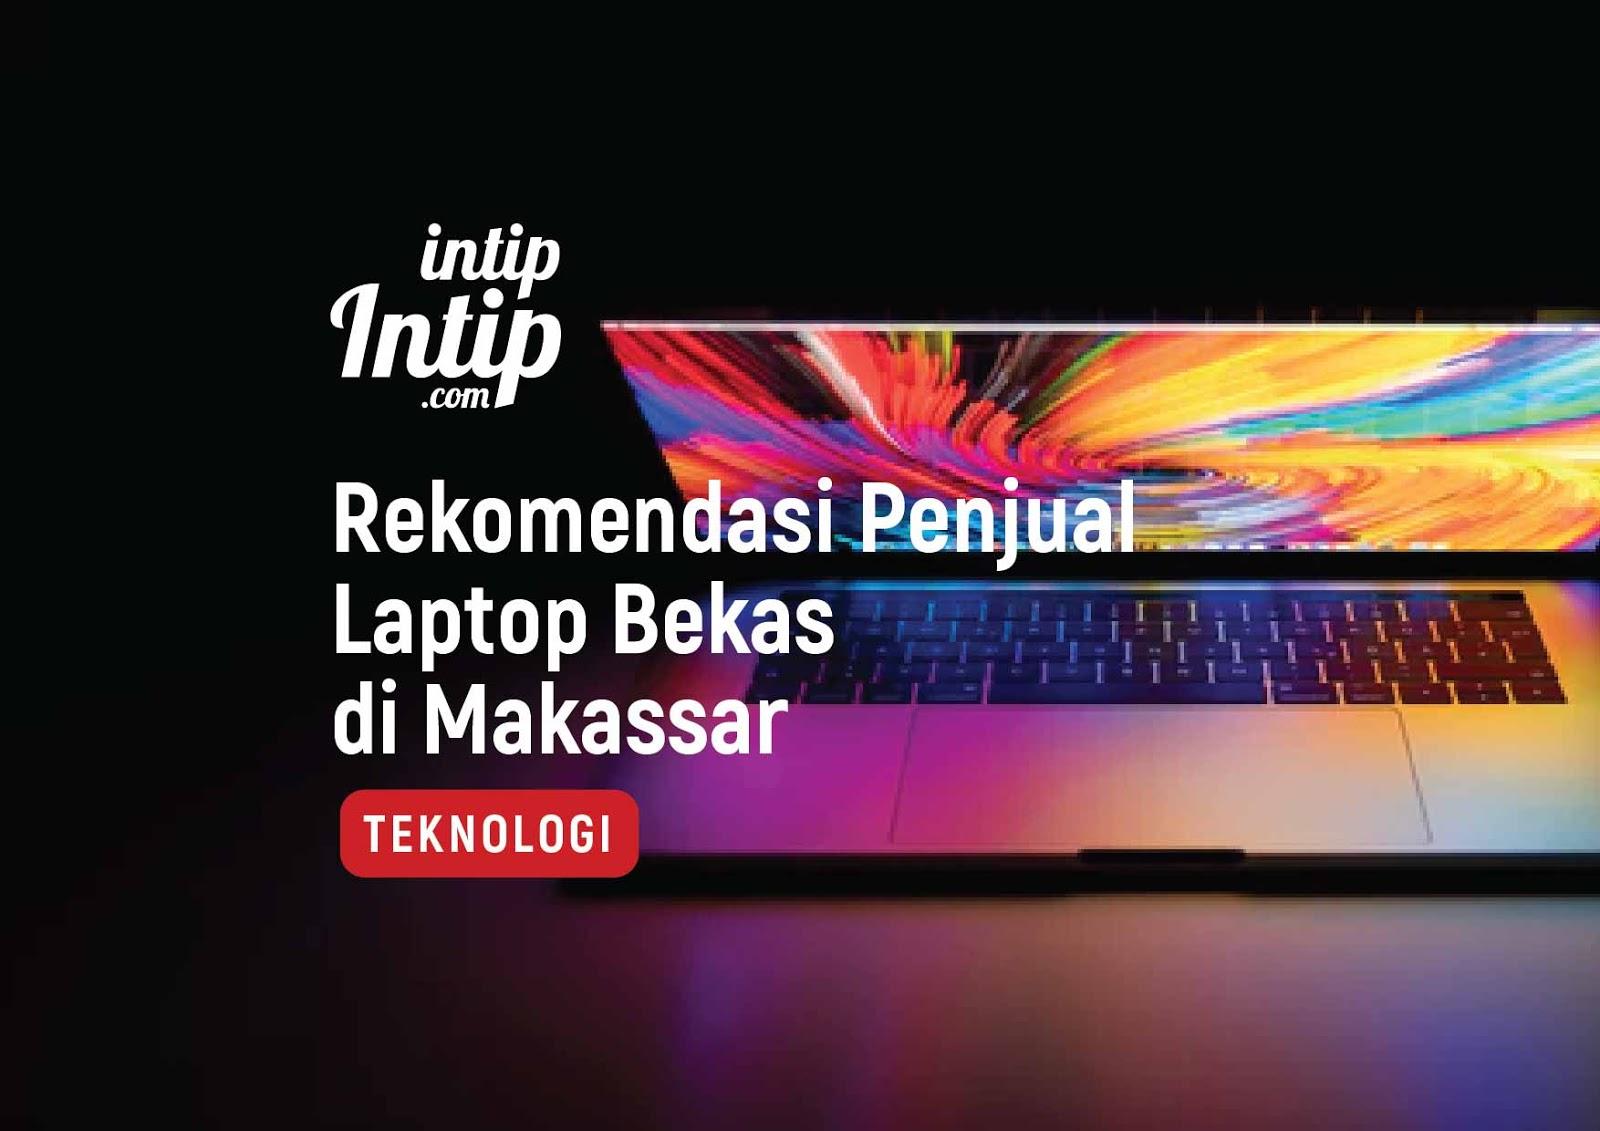 Rekomendasi Tempat Beli Laptop Bekas di Makassar